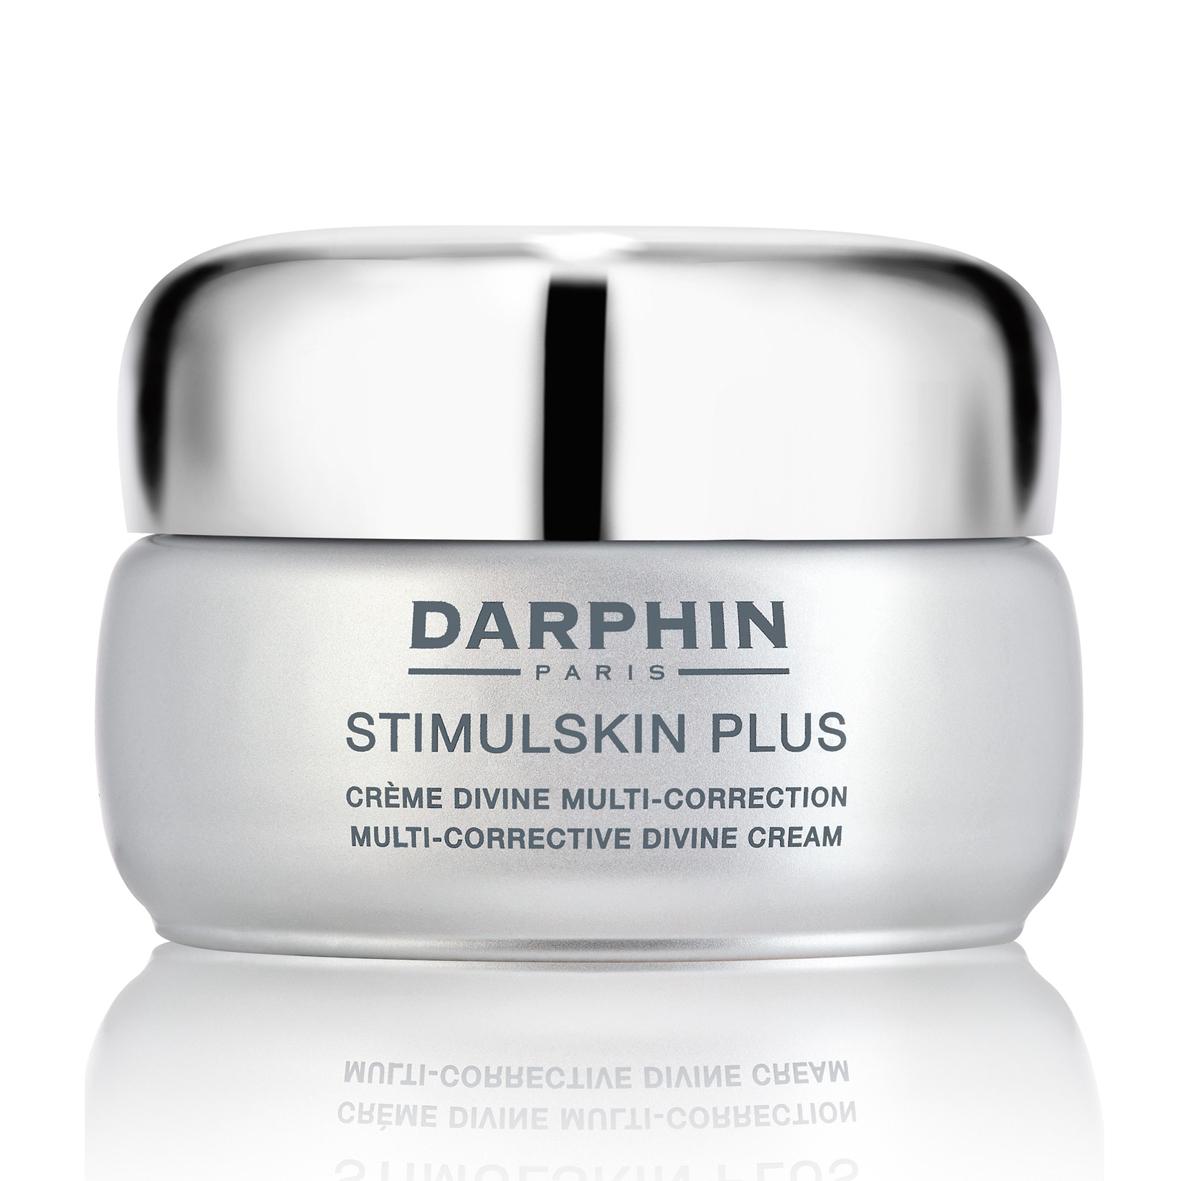 Stimulskin Plus Multi-Corrective Divine Cream for Normal Skin